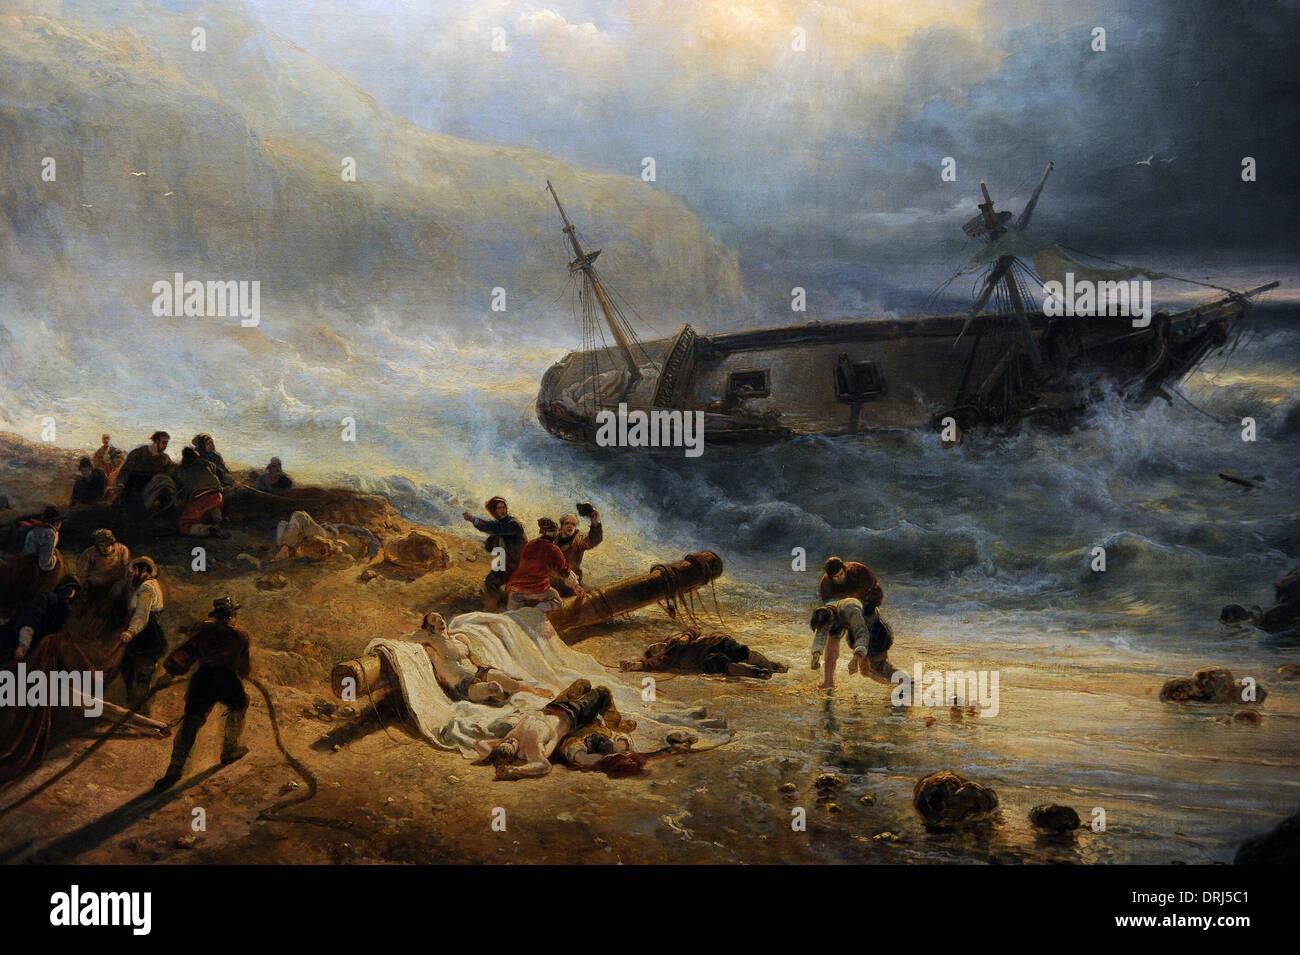 Wijnand Nuijen (1813-1839). Pittore olandese. Naufragio fuori da una costa rocciosa, c.1837. Dettaglio. Rijksmuseum. Amsterdam. Holland. Immagini Stock